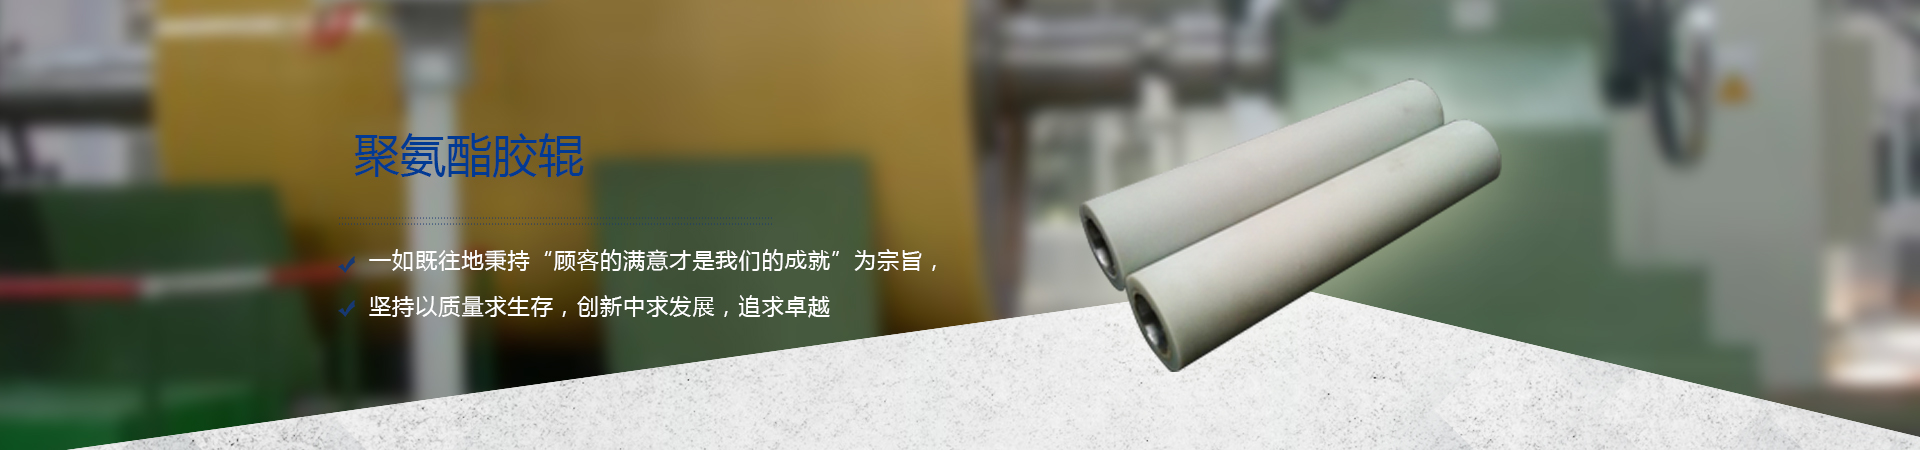 http://www.jazjg.cn/data/upload/202009/20200908033007_710.jpg